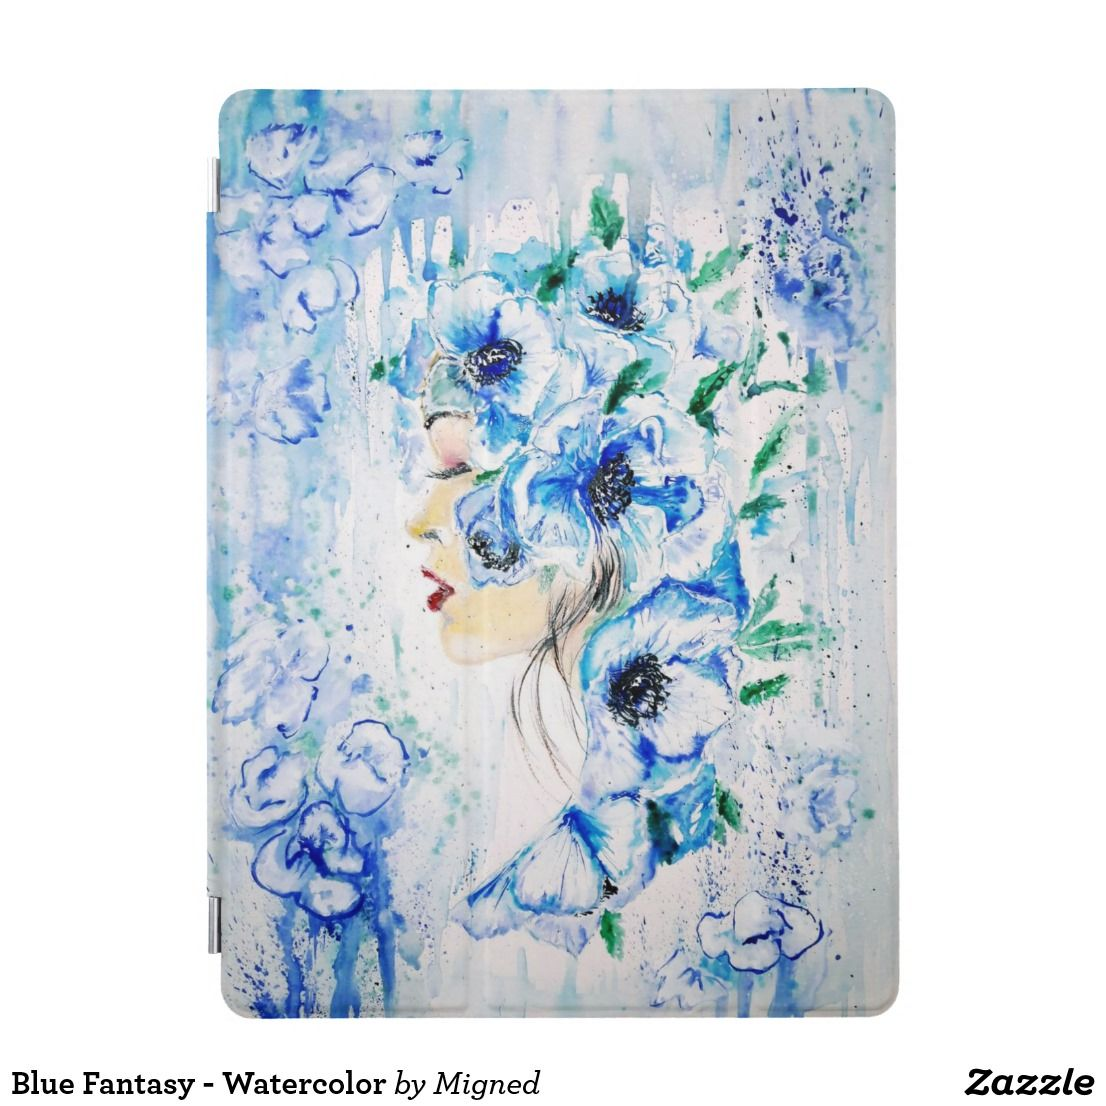 Blue Fantasy - Watercolor iPad Pro Cover | Zazzle.com